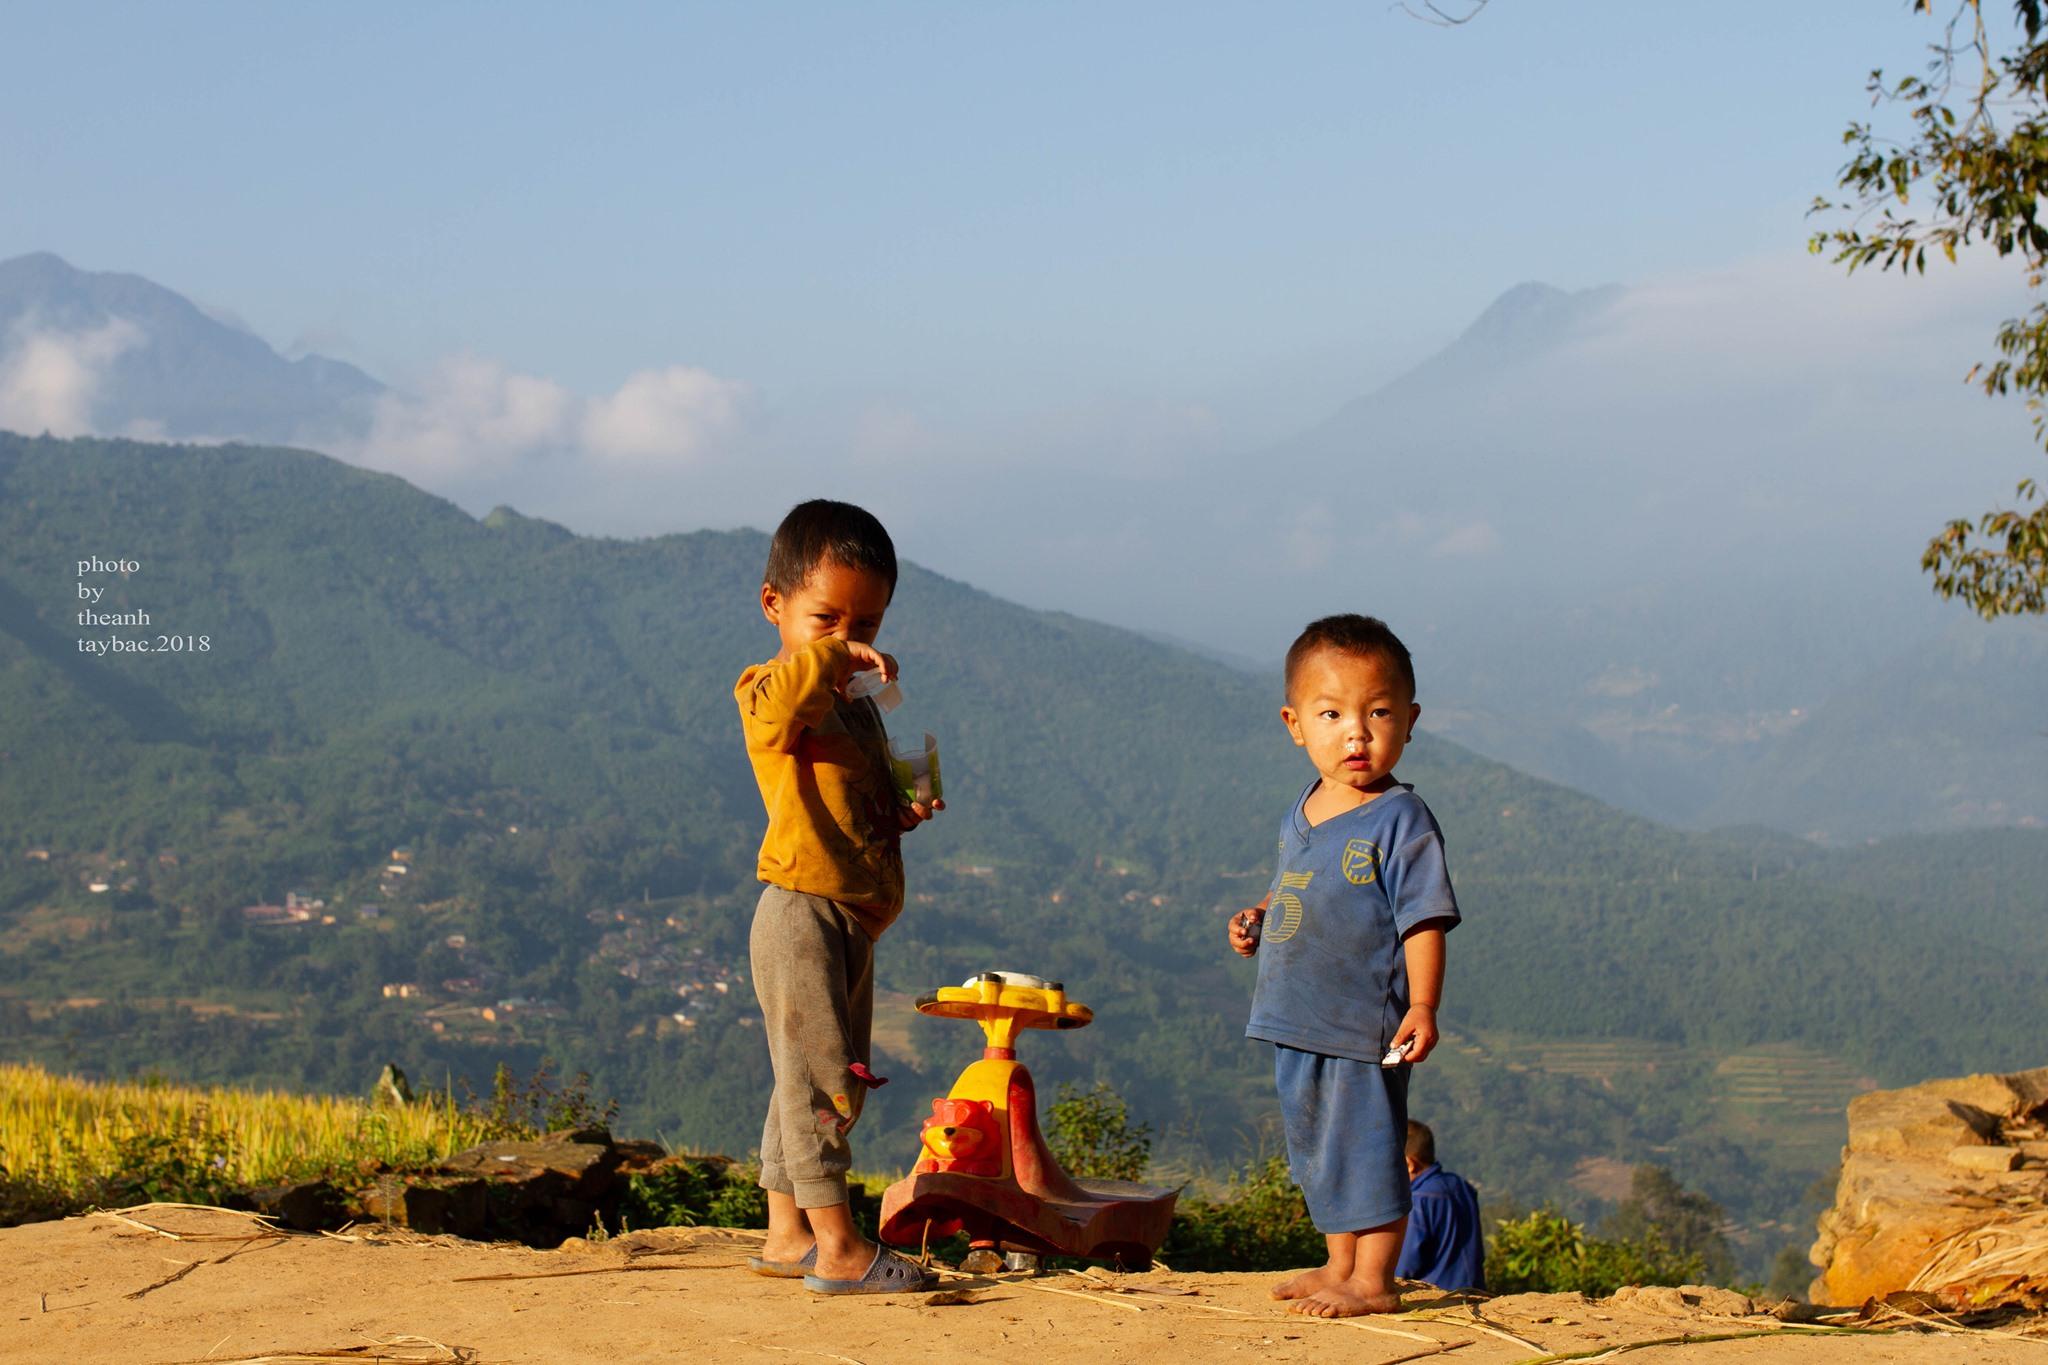 Kham-pha-nhung-ngoi-nha-trinh-tuong-doc-dao-cua-nguoi-ha-nhi-vietmountain-travel4